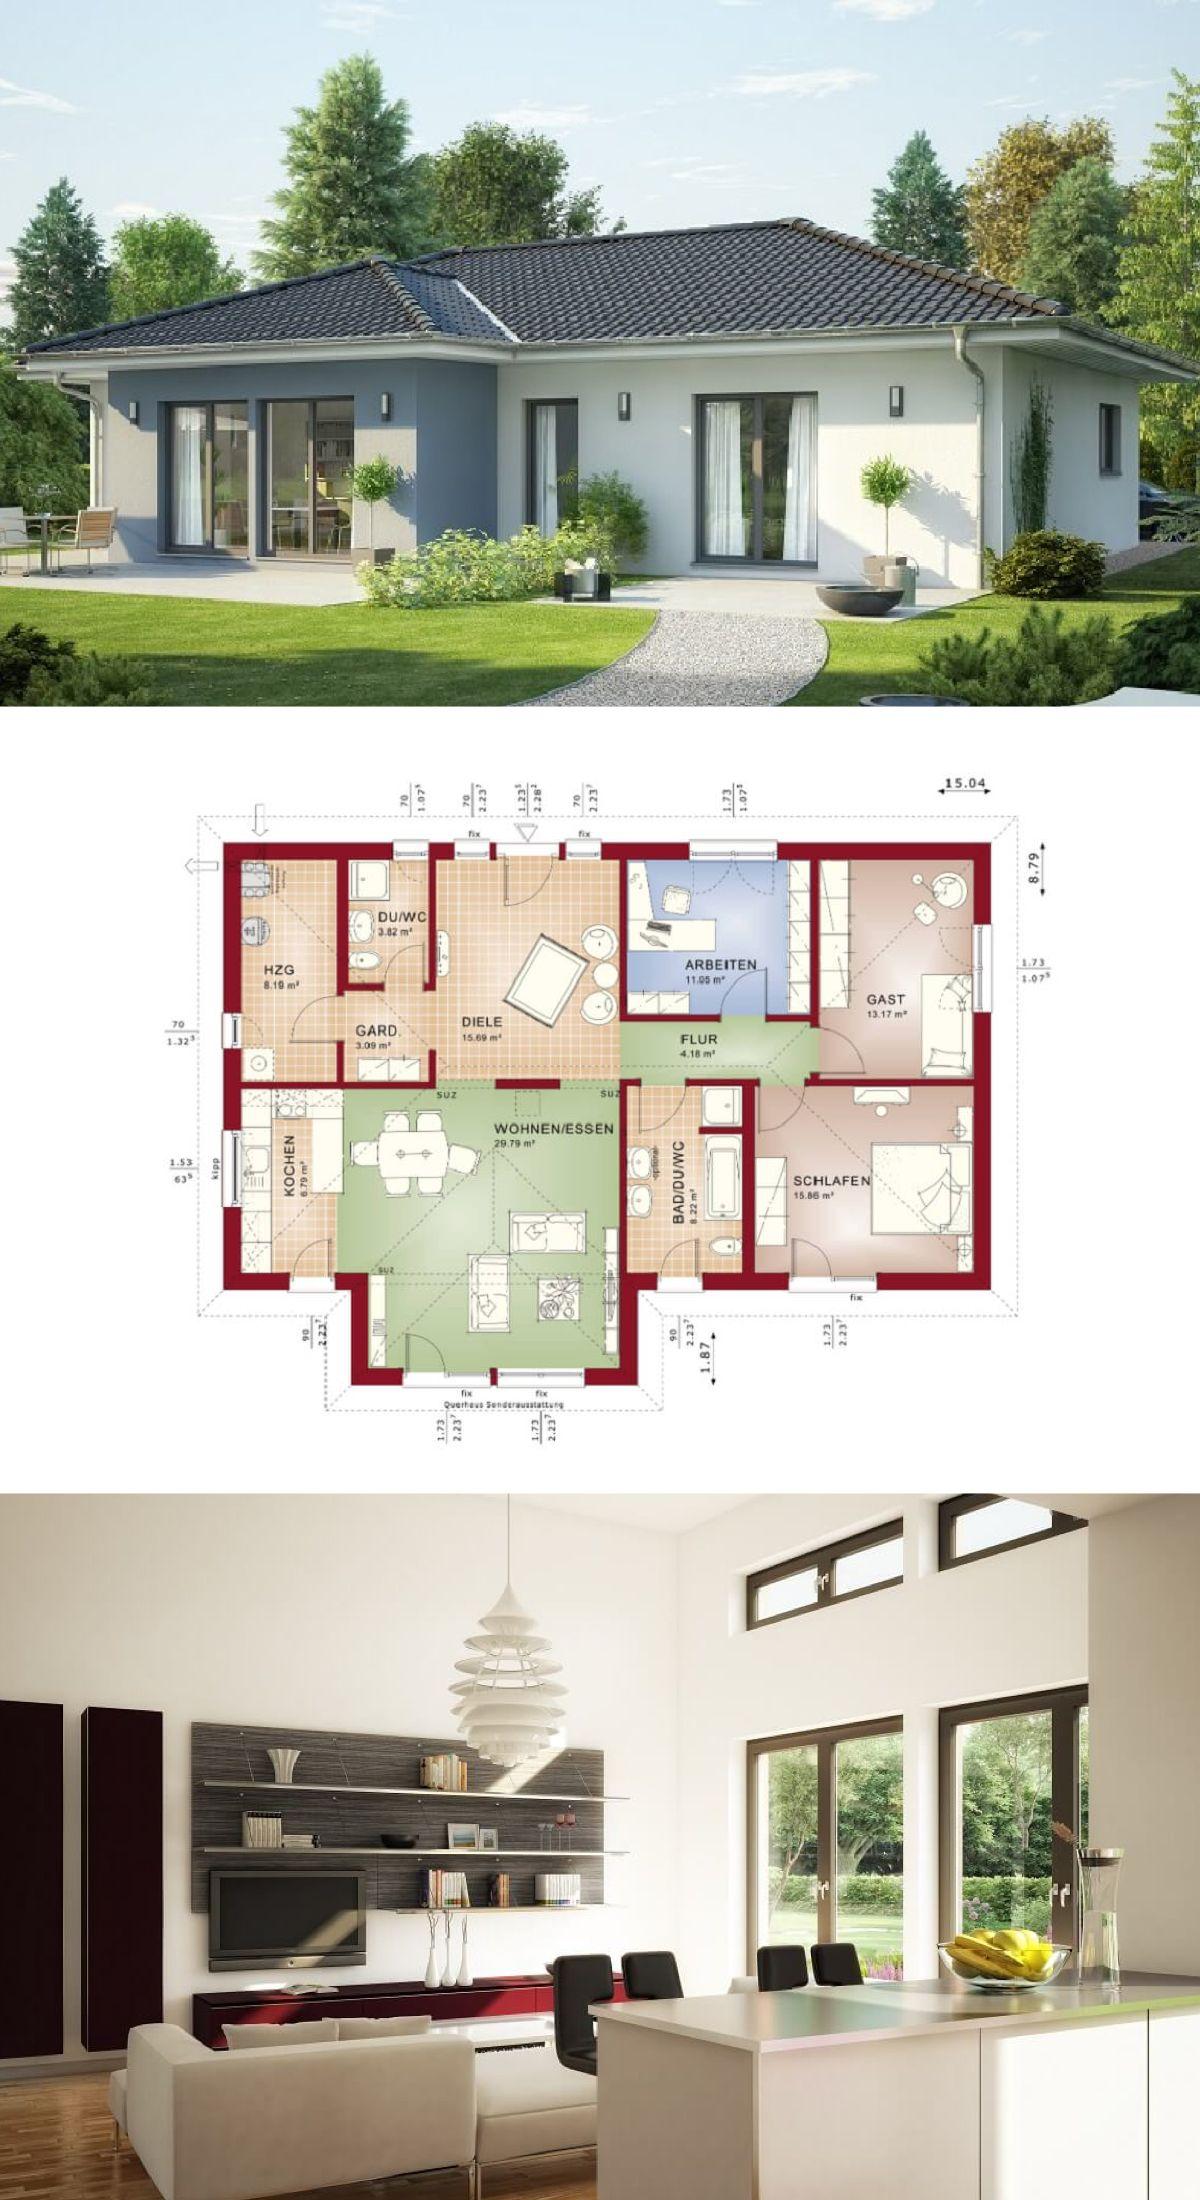 5m2 bad ideen bungalow haus mit walmdach  grundriss einfamilienhaus evolution